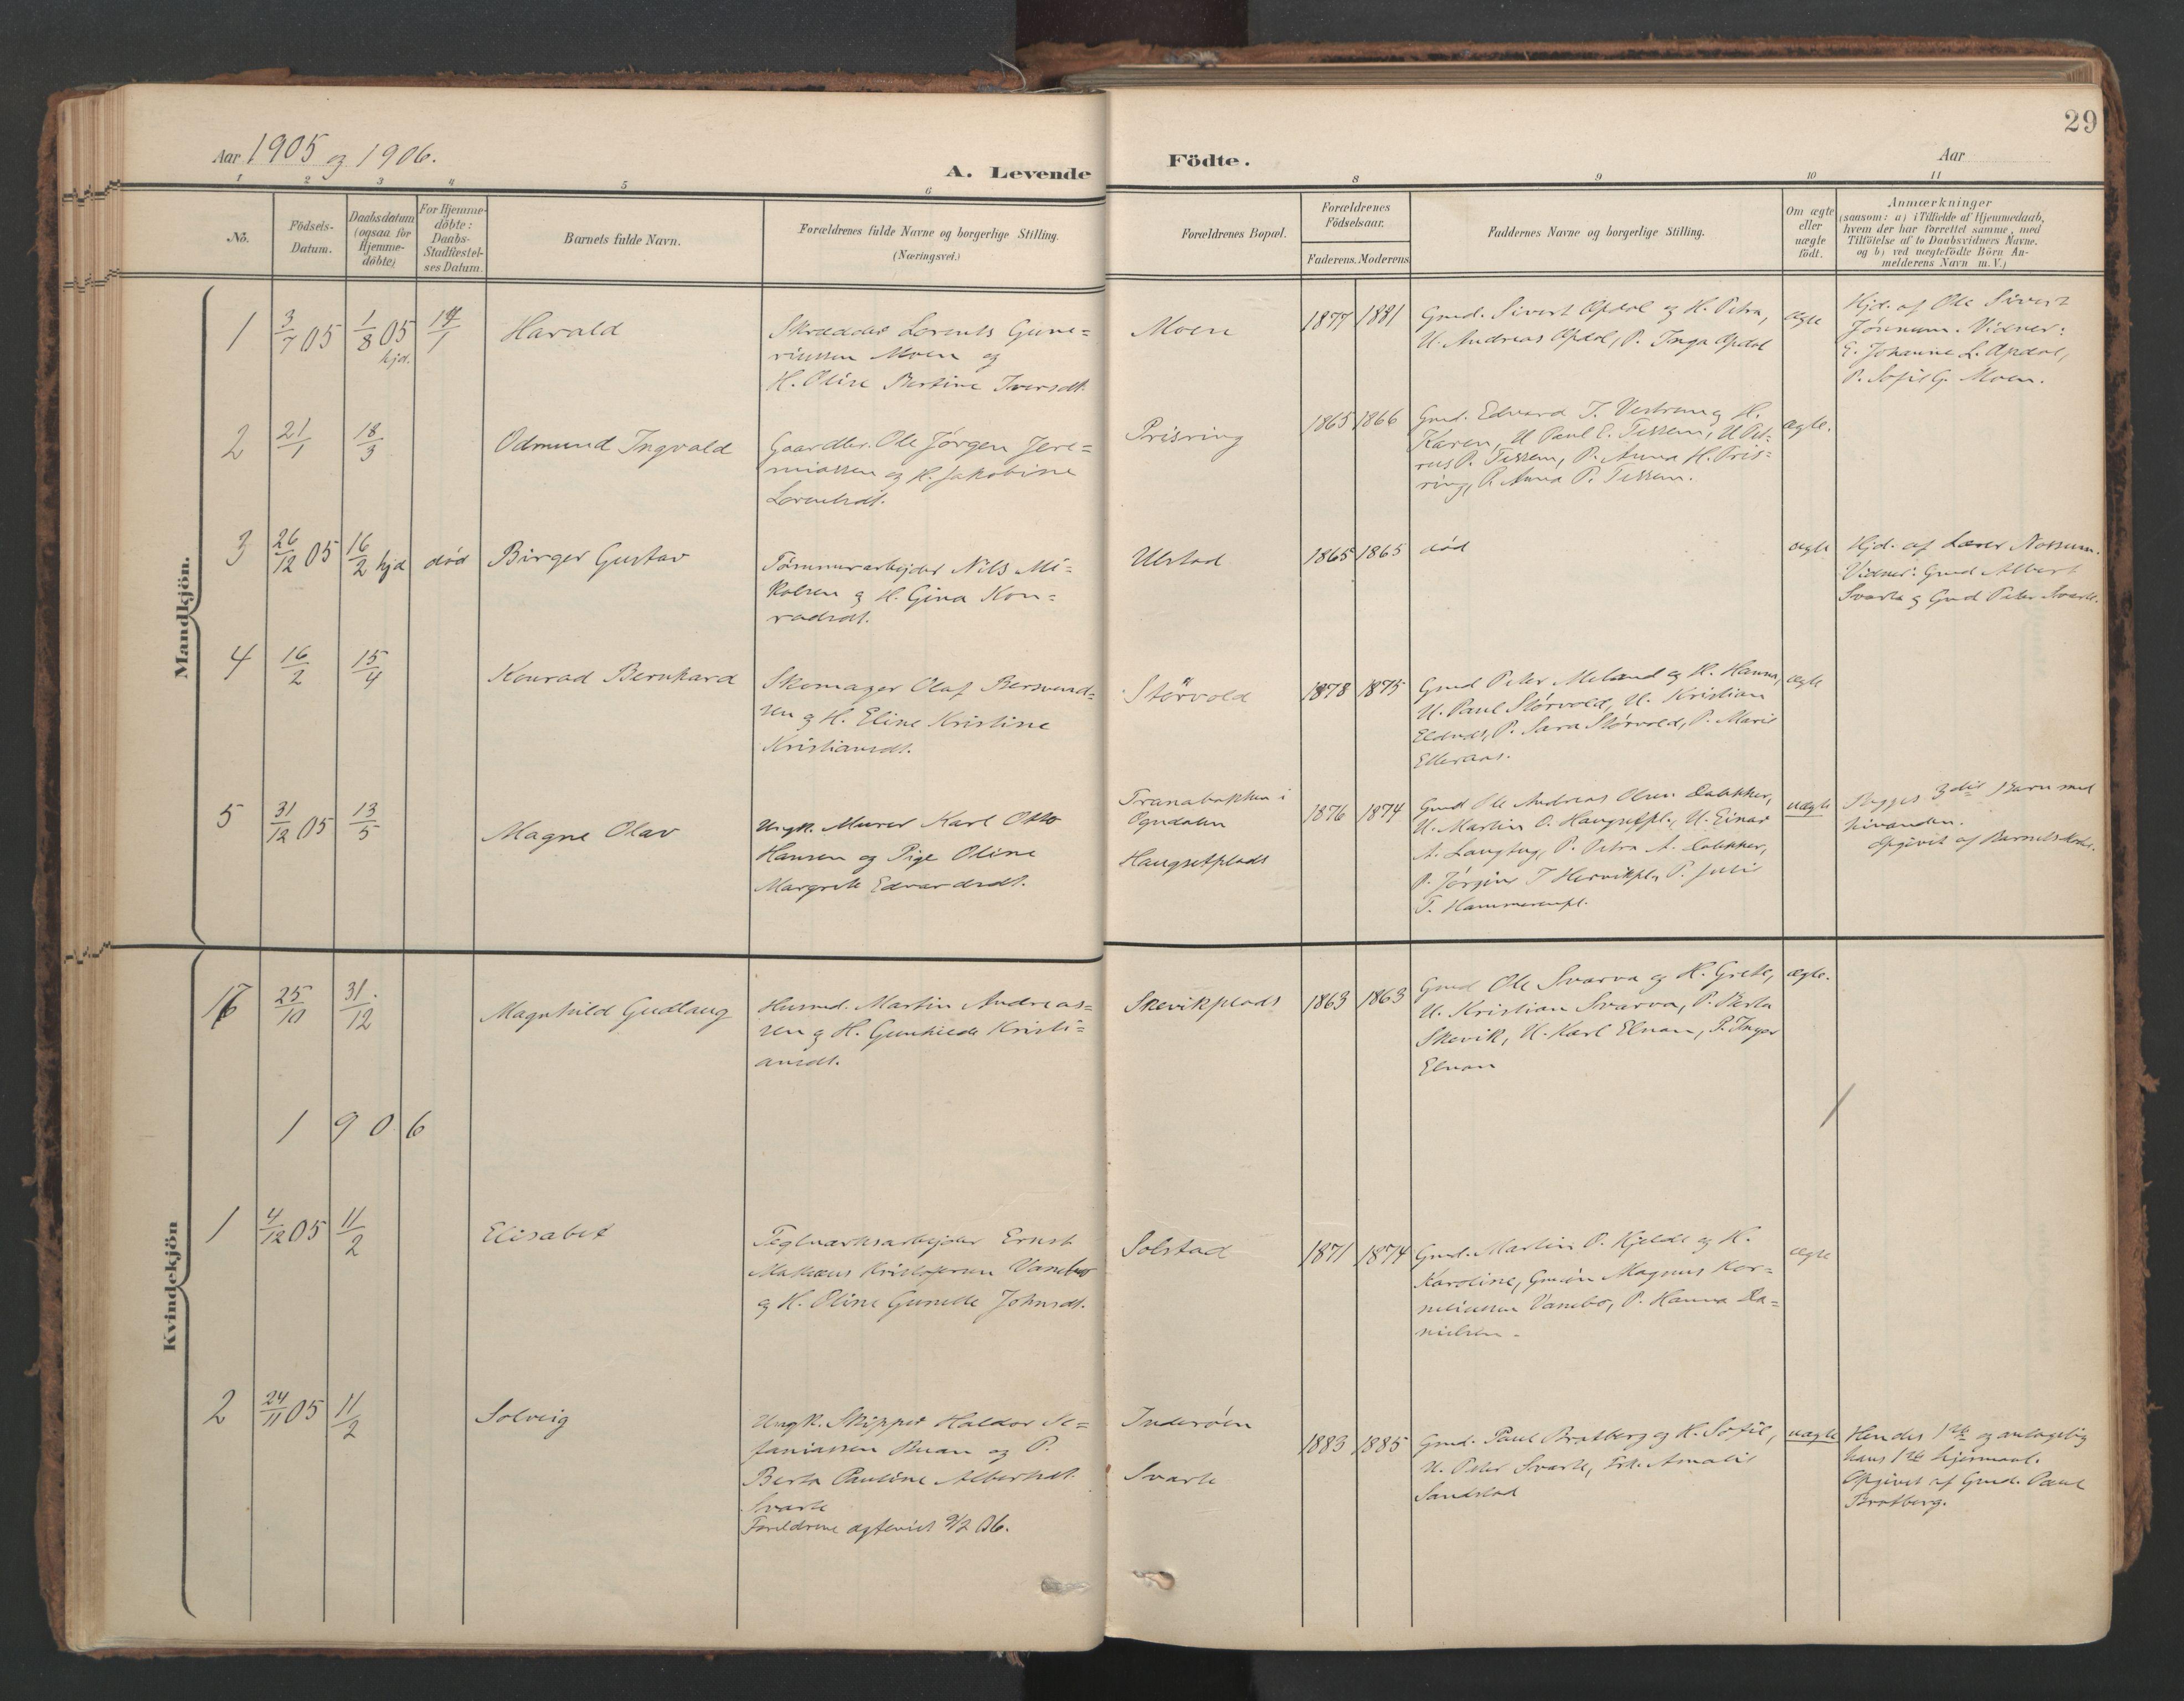 SAT, Ministerialprotokoller, klokkerbøker og fødselsregistre - Nord-Trøndelag, 741/L0397: Ministerialbok nr. 741A11, 1901-1911, s. 29